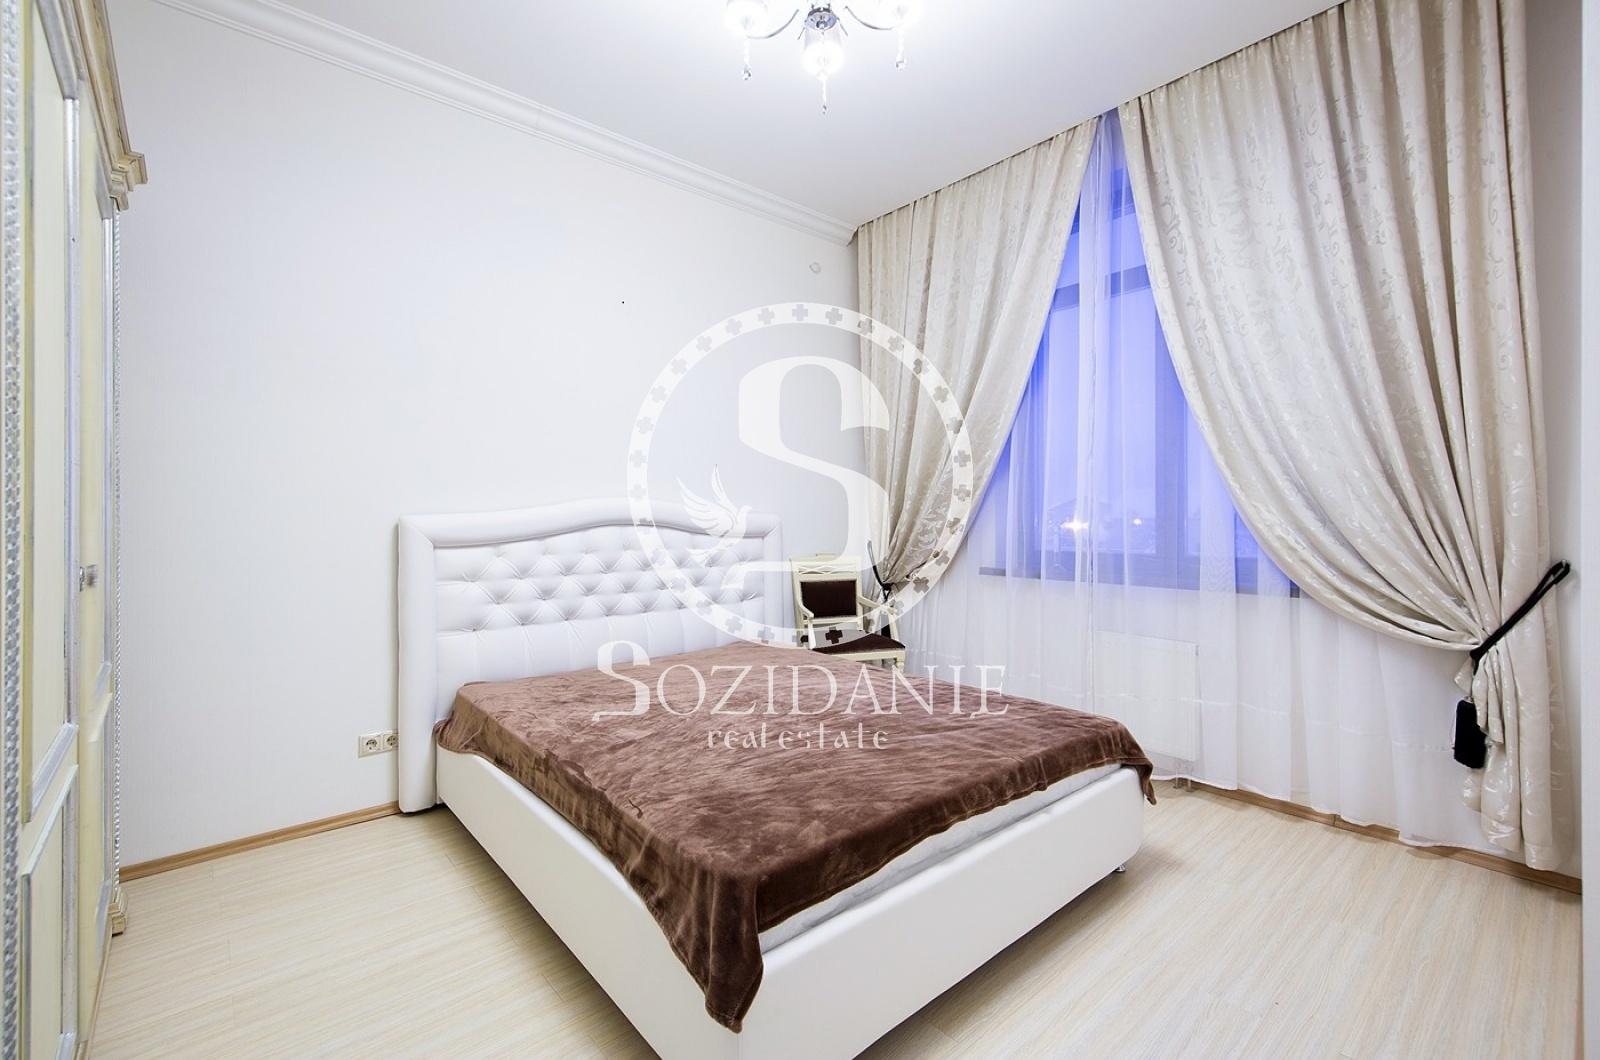 1 Bedrooms, 2 Комнаты, Загородная, Аренда, Listing ID 3969, Московская область, Россия,